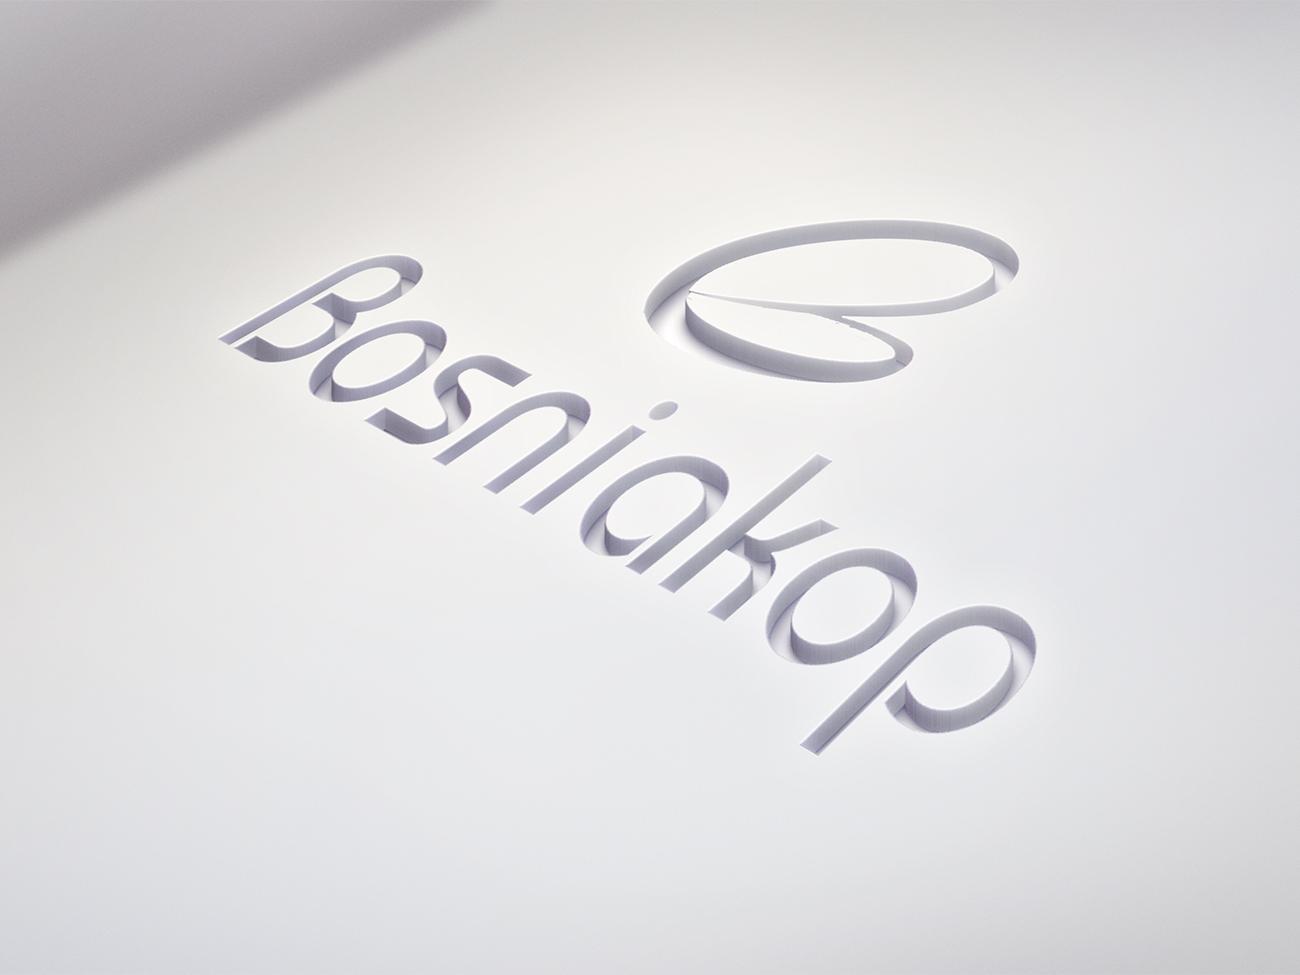 Bosniakop